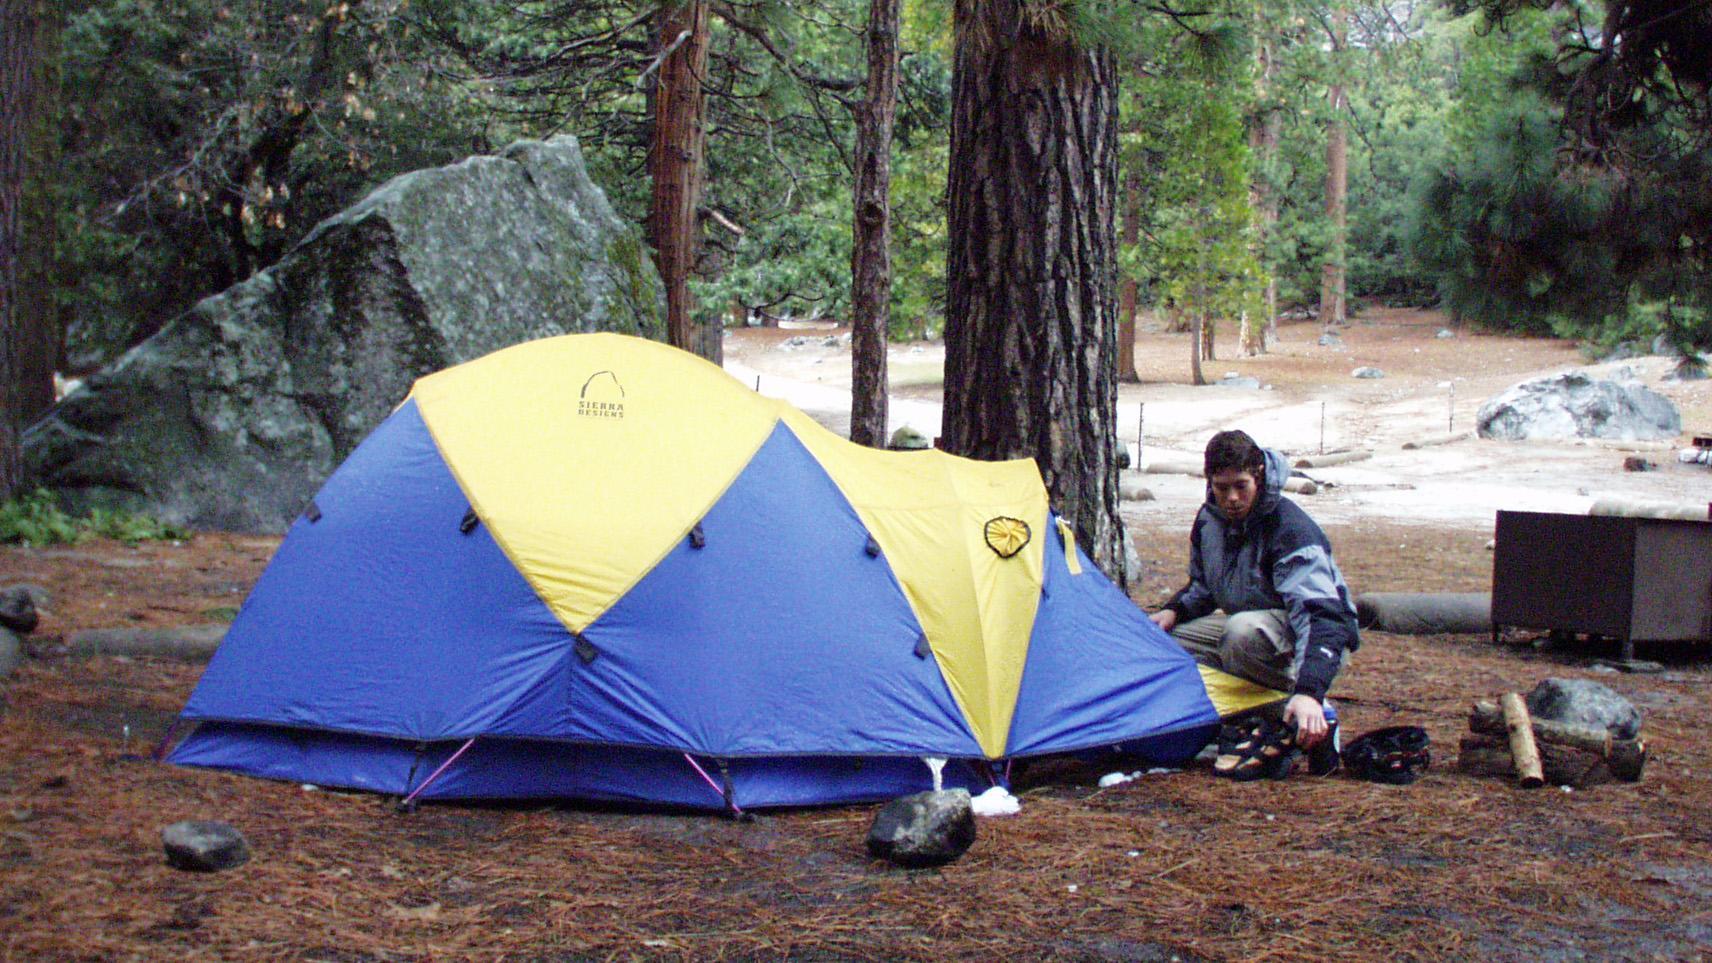 full hookup Camping nära Yosemite